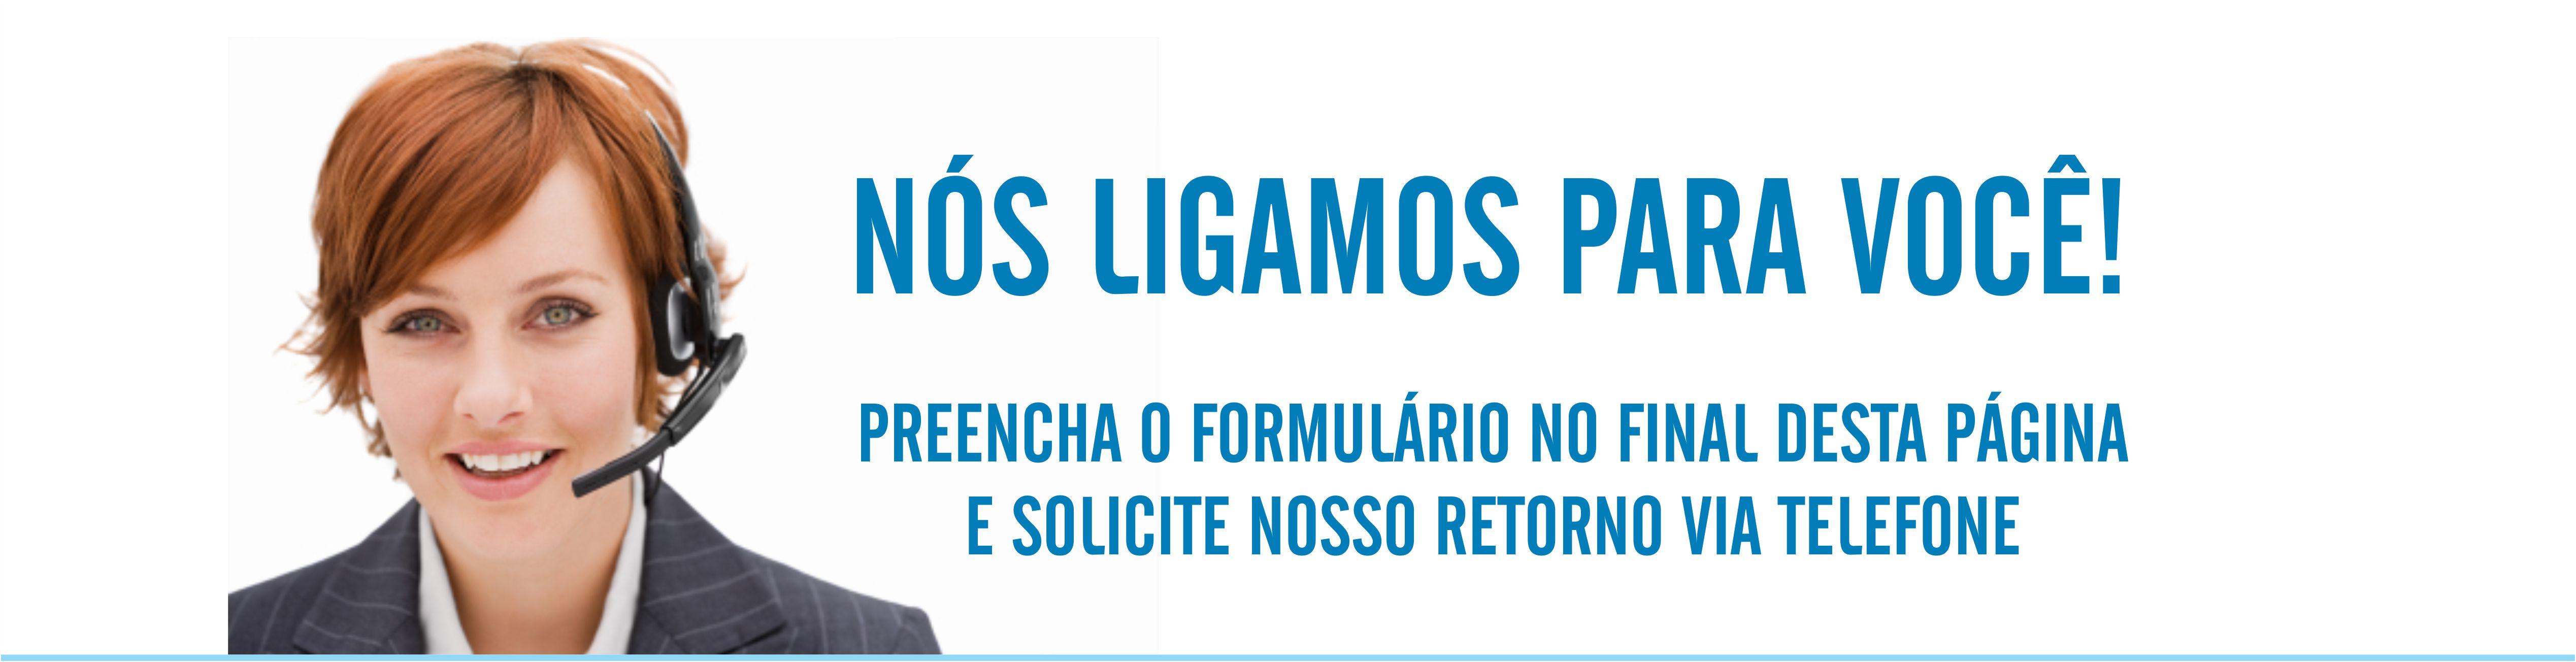 jferrari_ligamos_para_voce